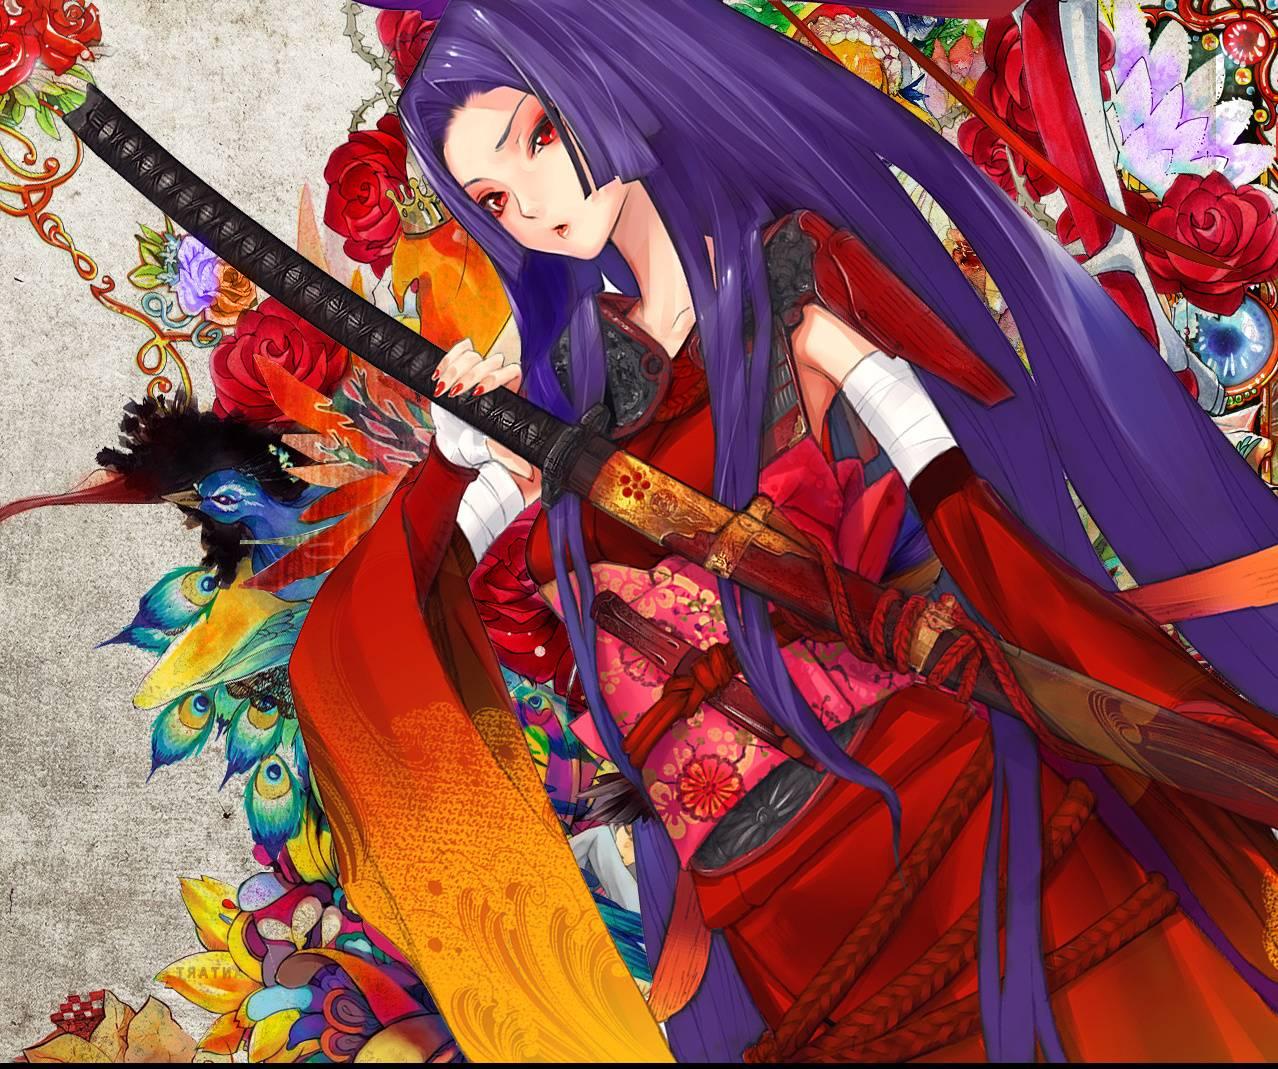 Abstract Samurai